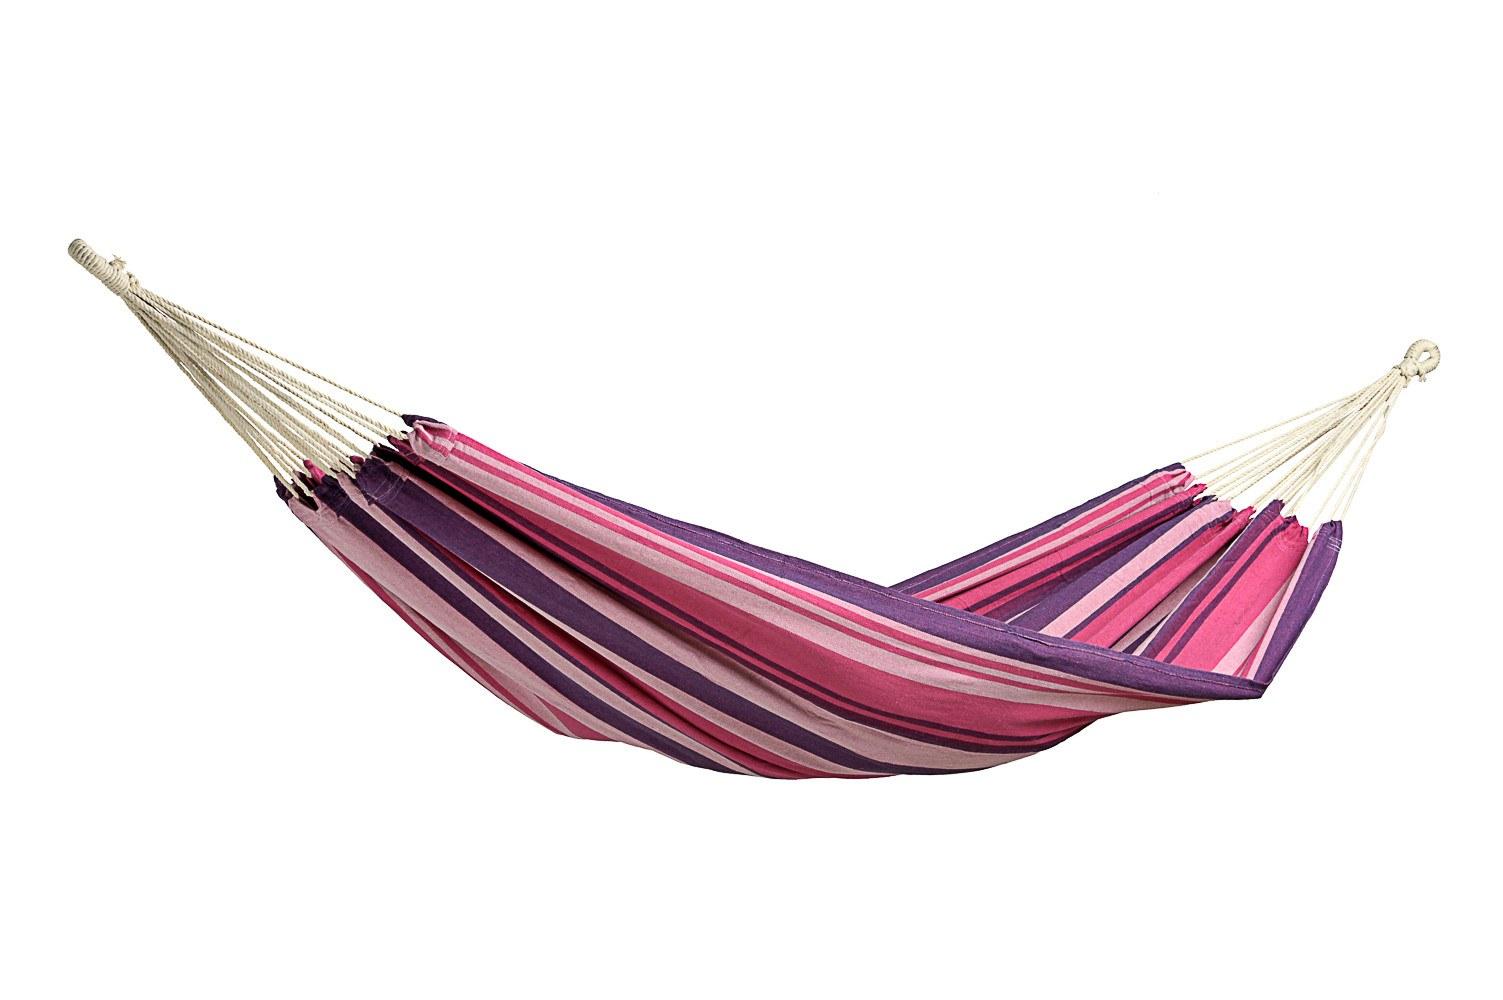 Amazonas Tahiti Hængekøje - flere varianter